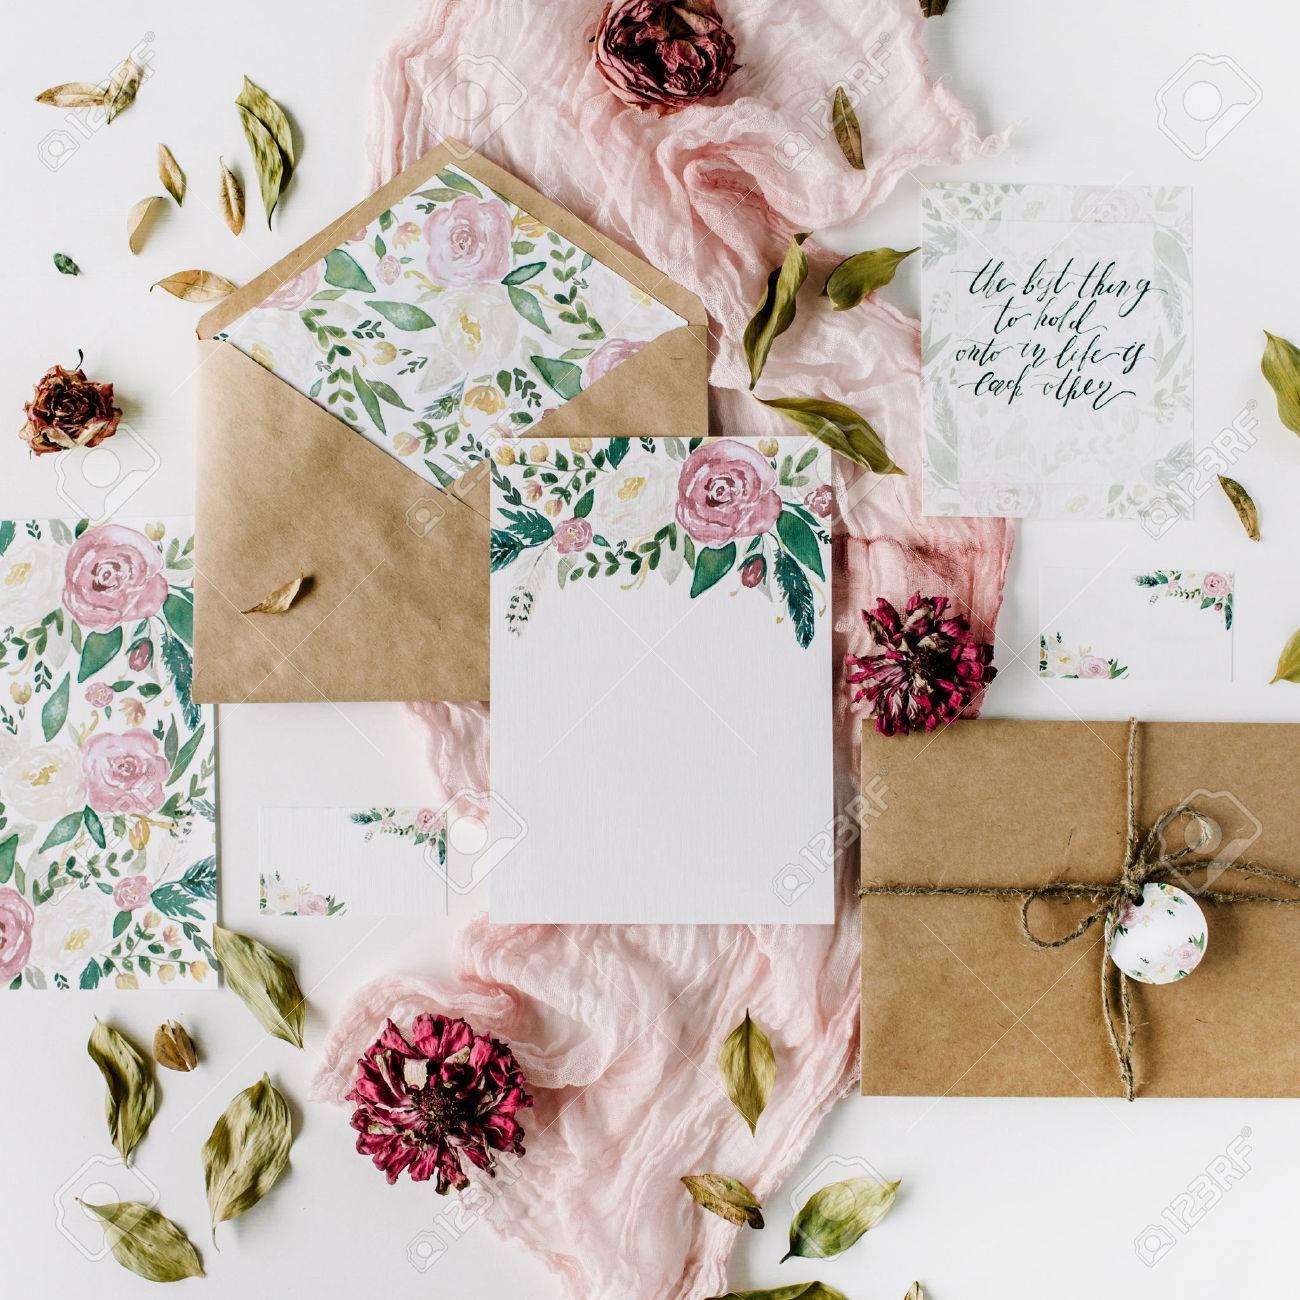 Arbeitsplatz Hochzeitseinladungskarten Handwerksumschlage Rosa